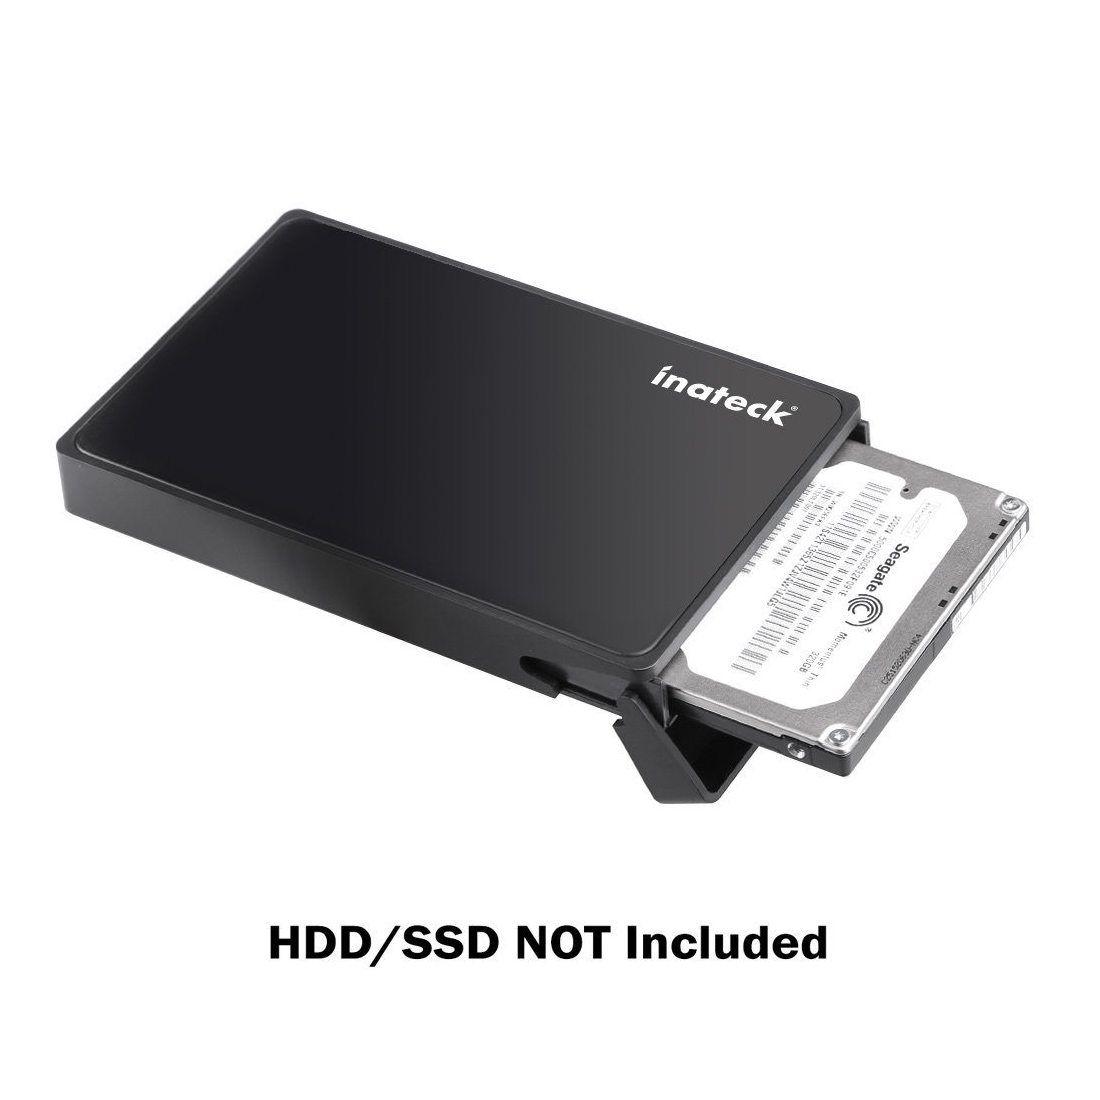 [Optimisé SSD/UASP compatible] Inateck USB 3.0 Boîtier disque dur 2,5 SATA disque dur externe 2,5 pouces / SSD